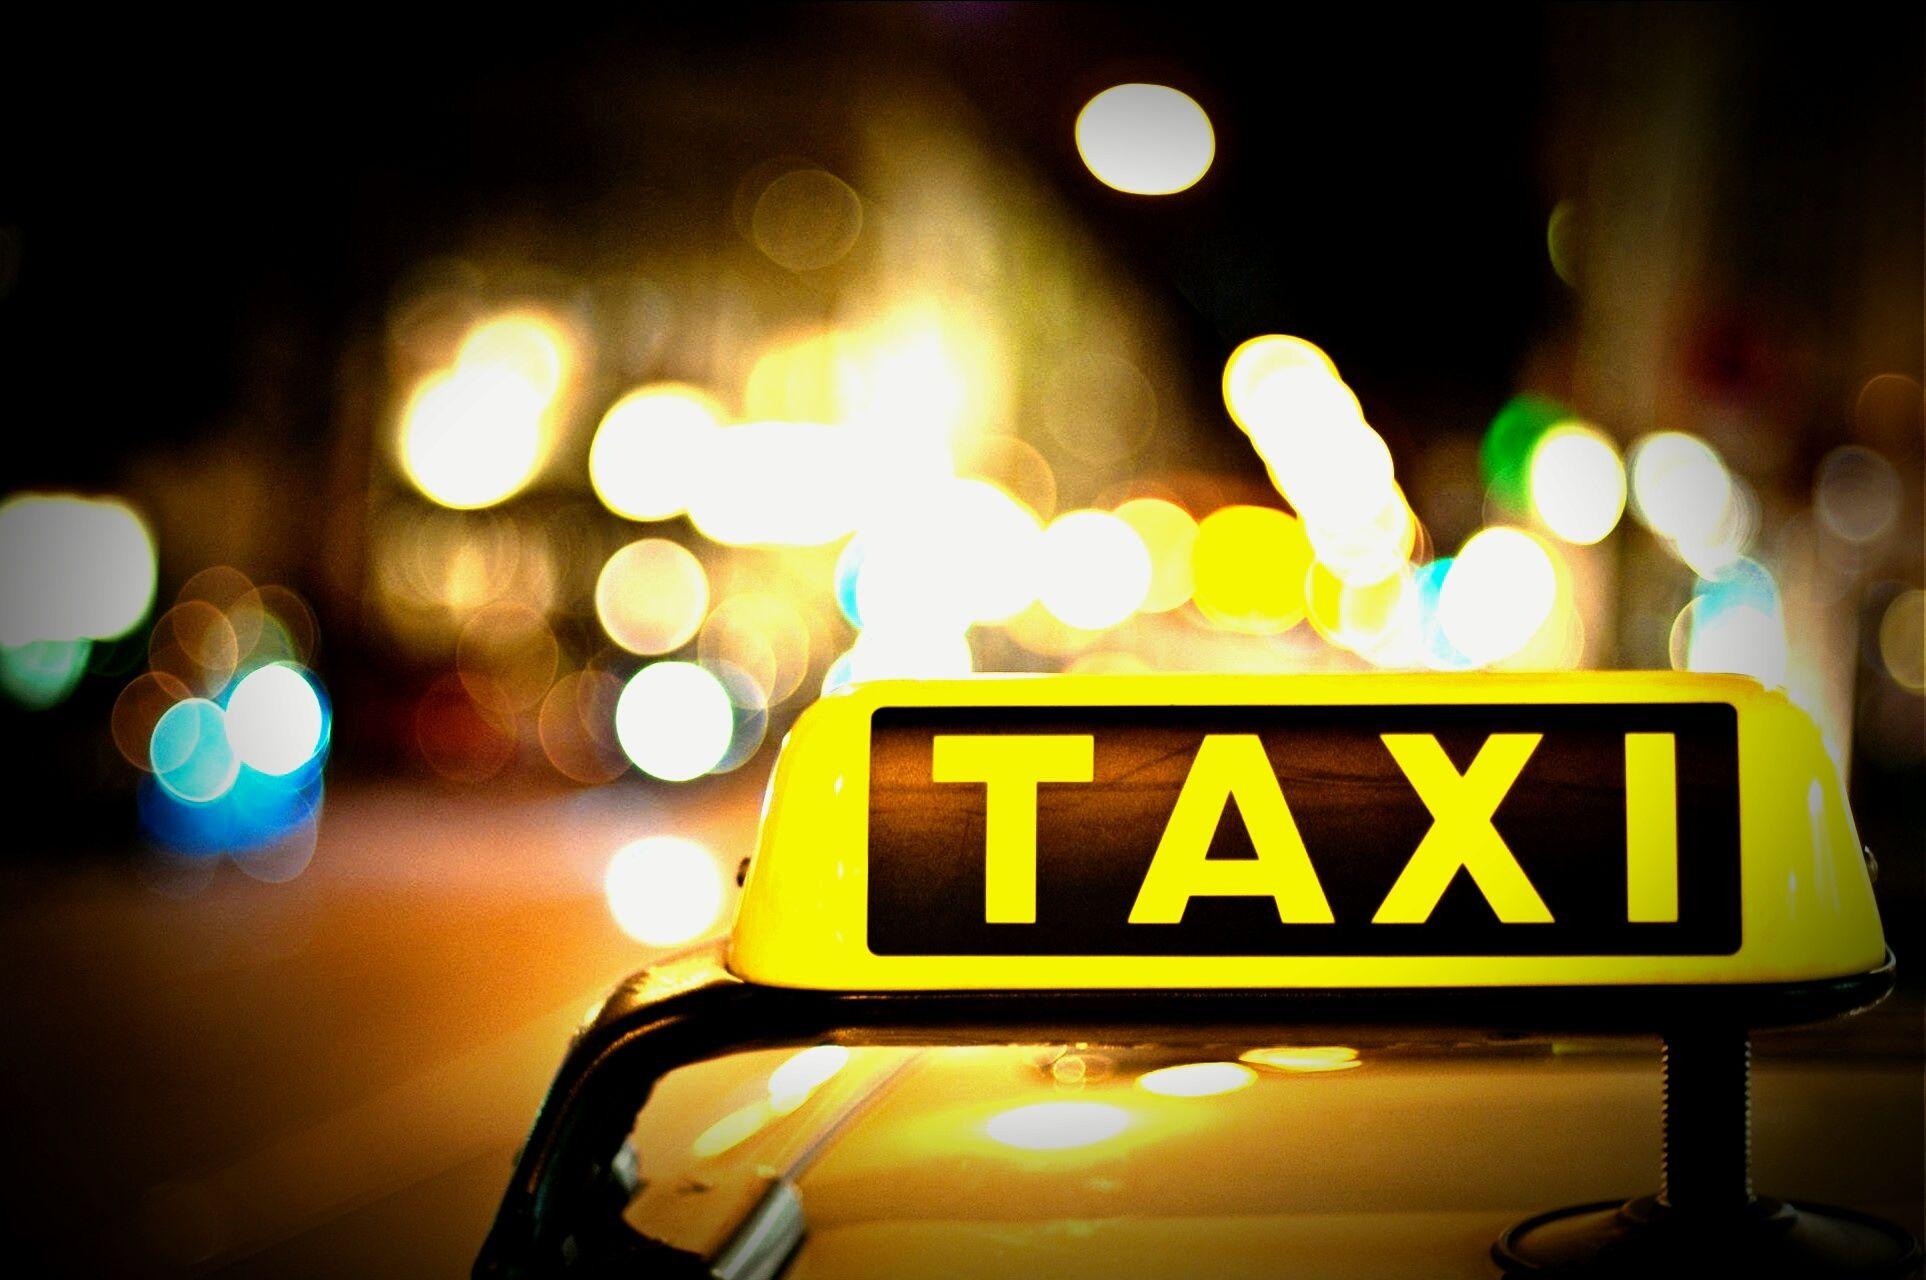 Mơ thấy taxi đánh con gì chắc ăn nhất?